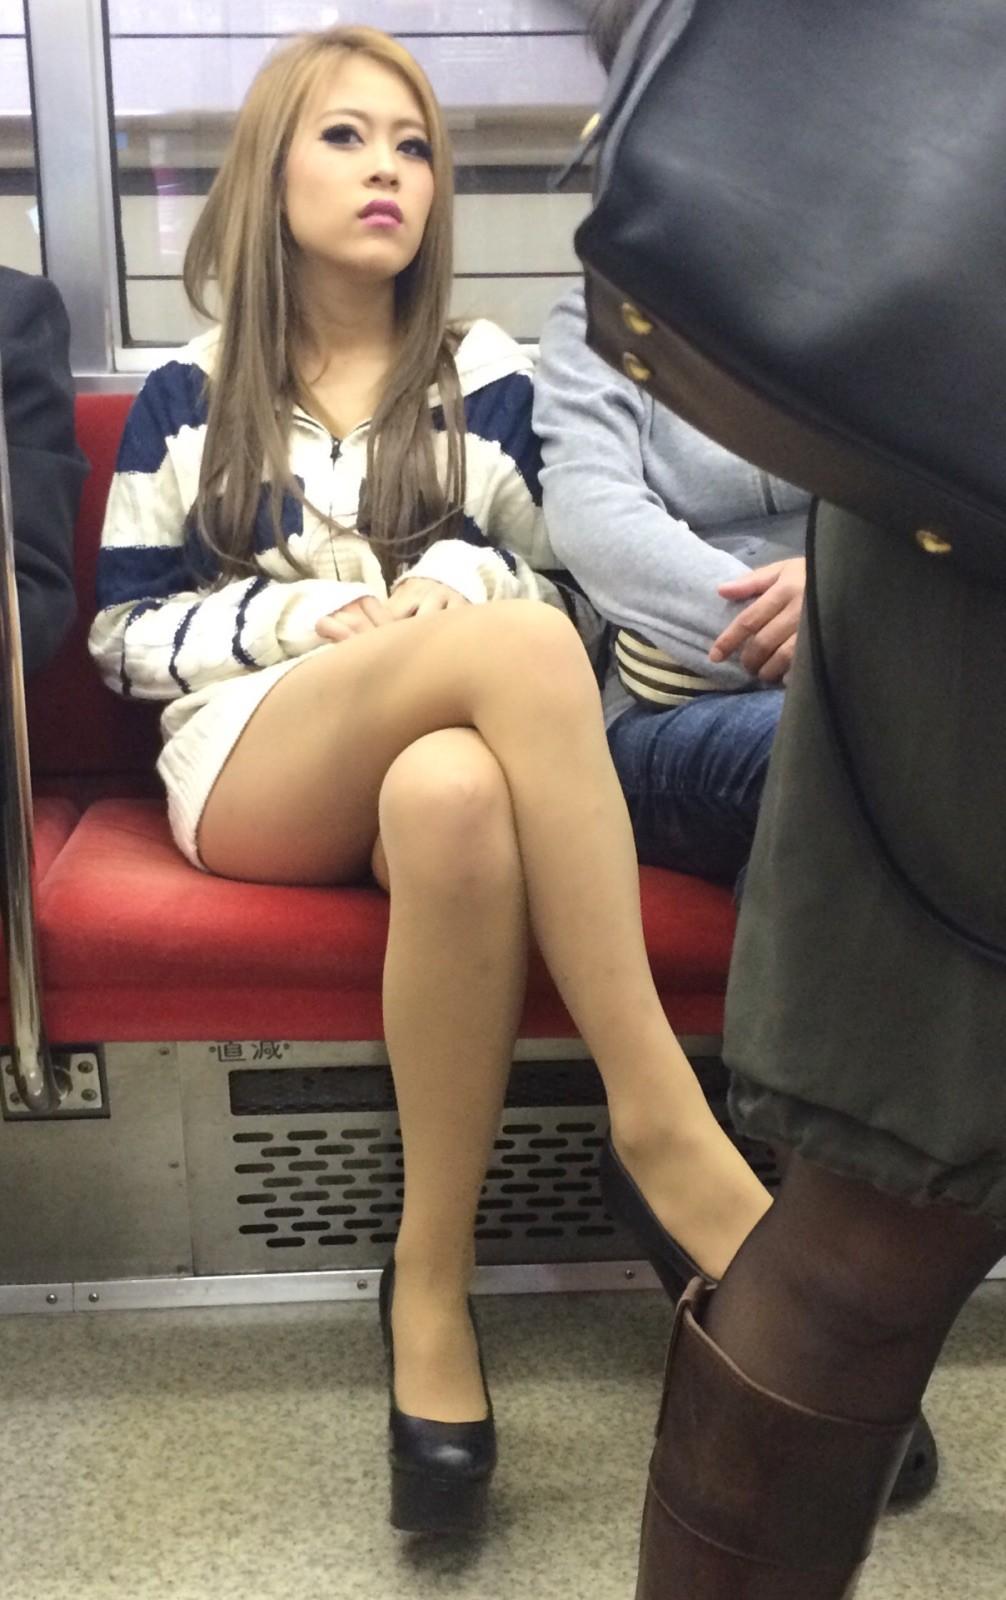 対面に座ってる足組みを見るとパンチラを期待してドキドキしてくる